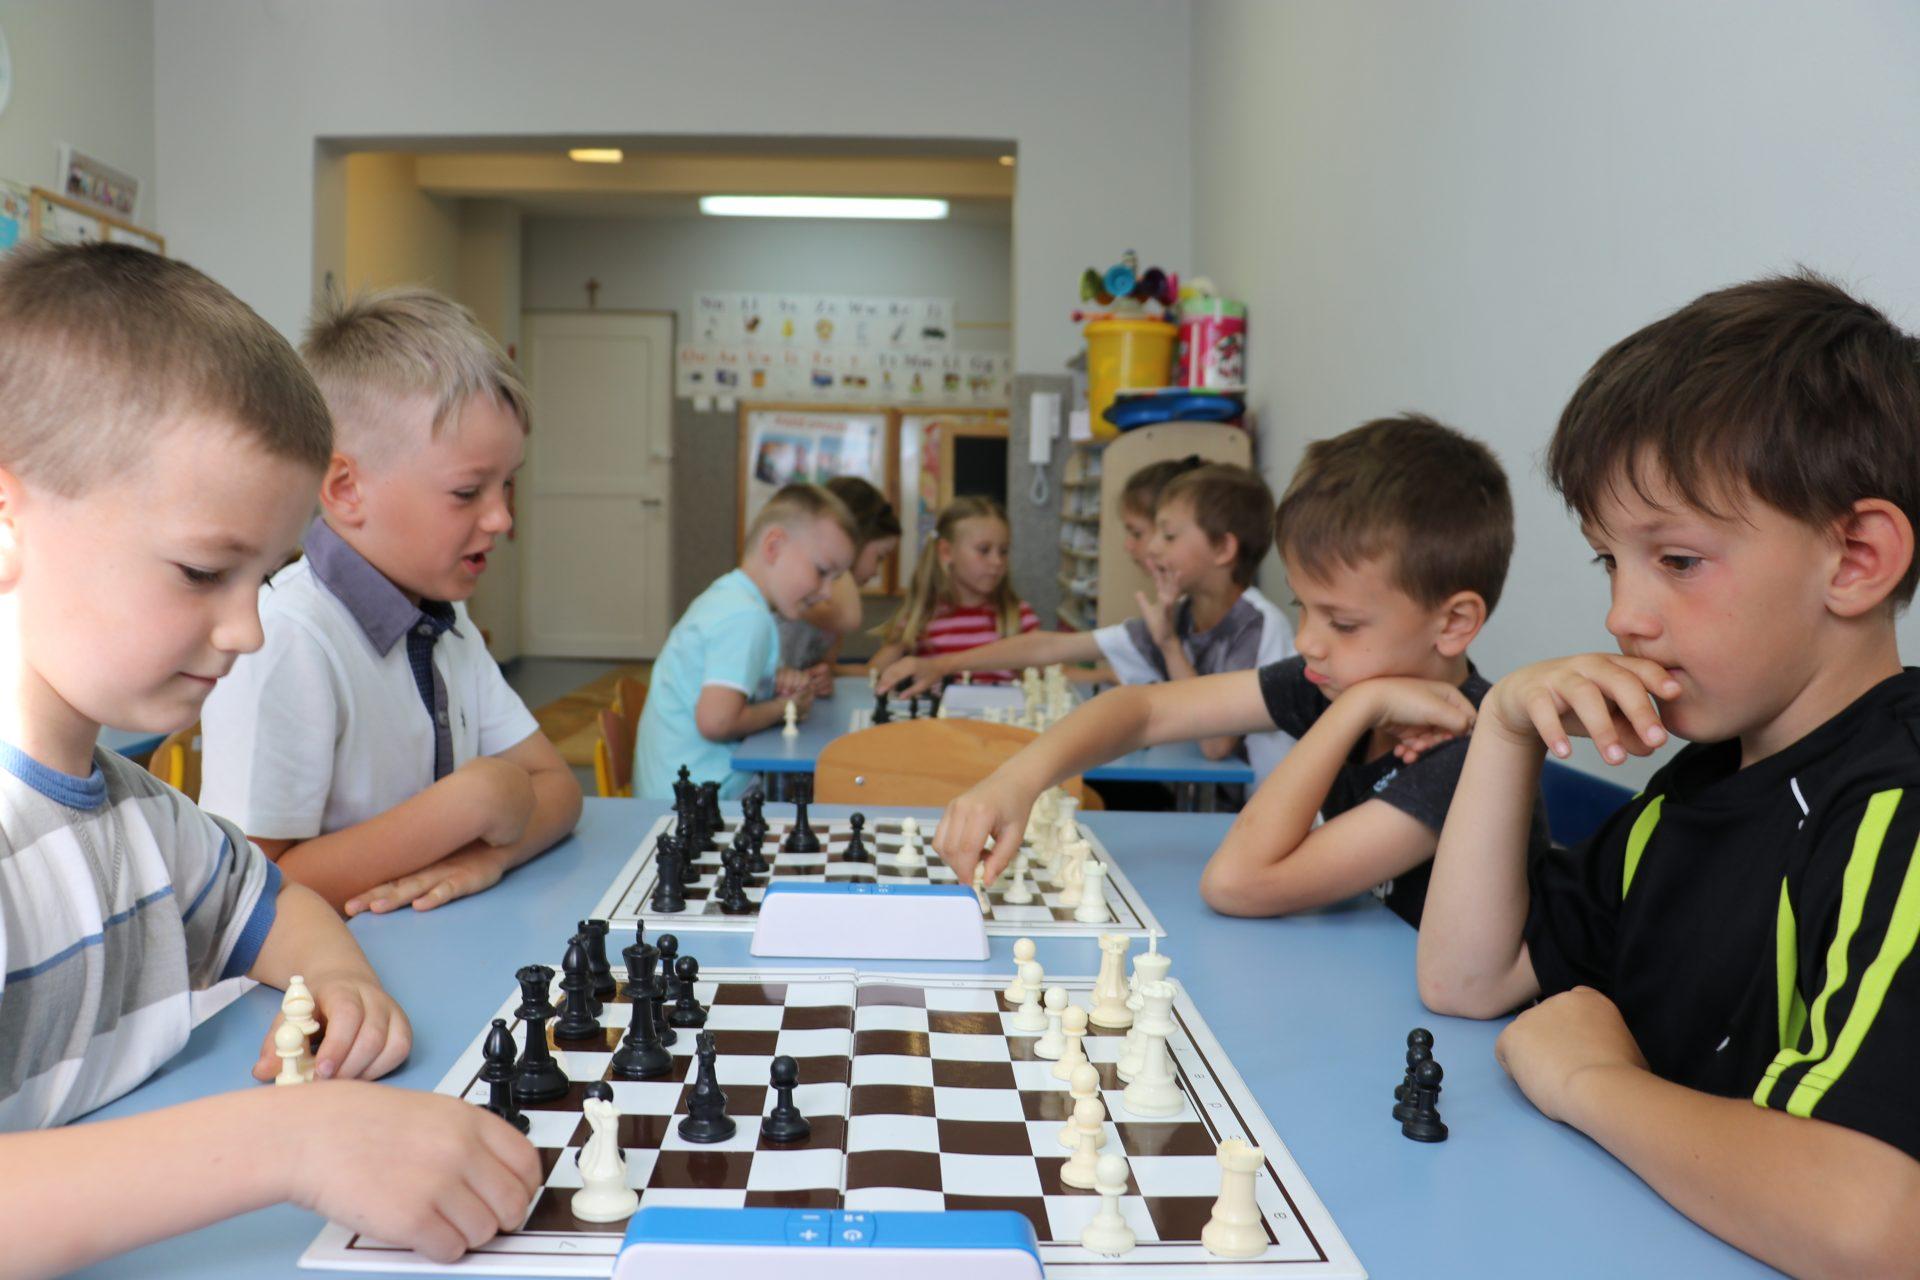 VII Turniej Szachowy o Mistrzostwo Przedszkola Wesoła Piątka, Świdnica, 01.06.2017